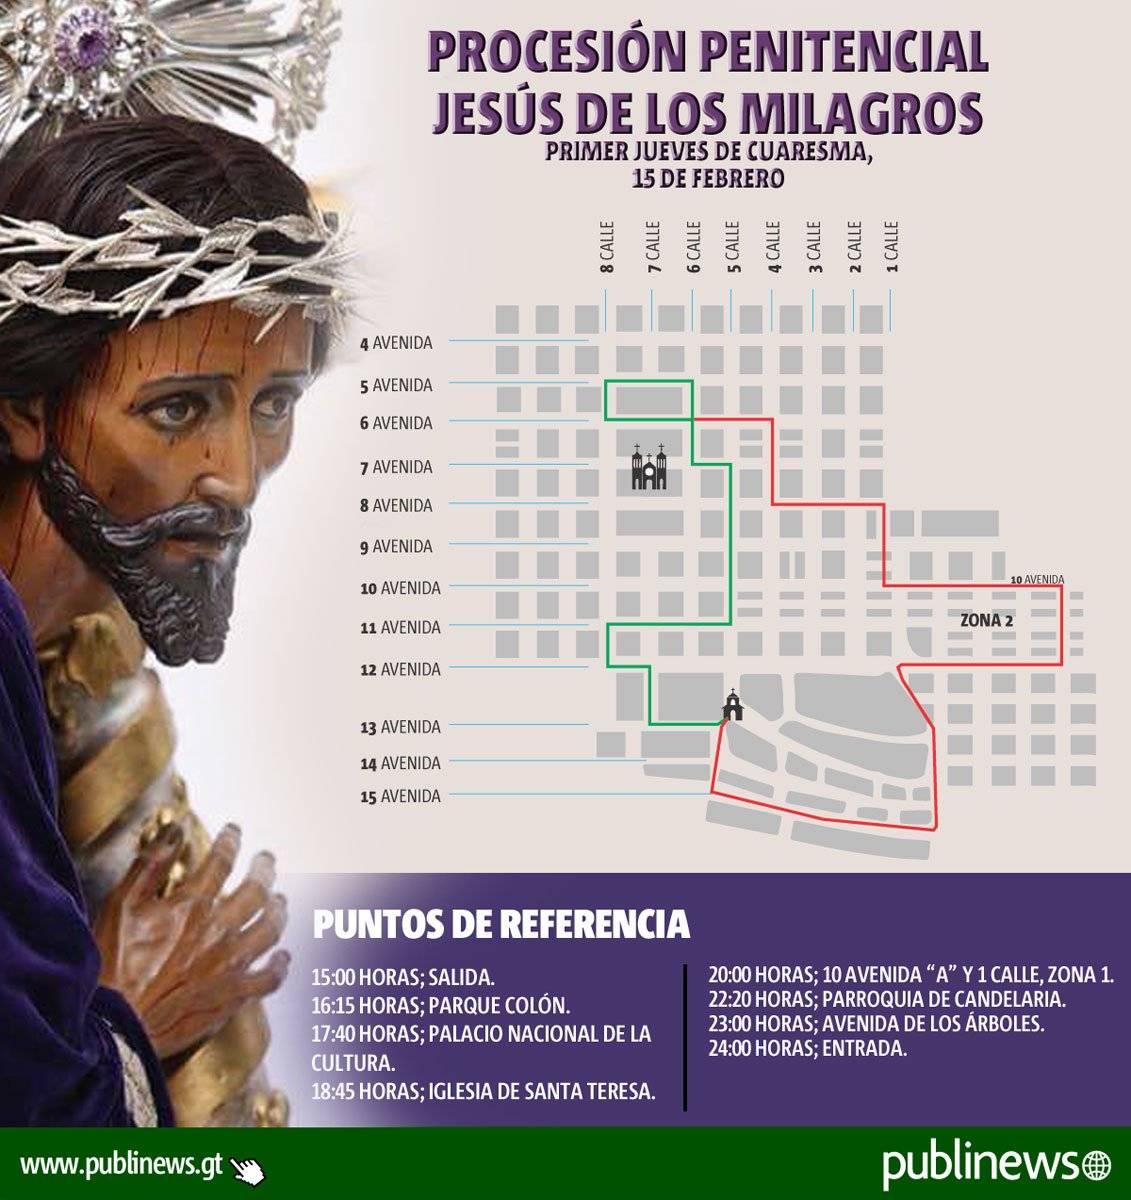 Recorrido de procesión penitencial de San José